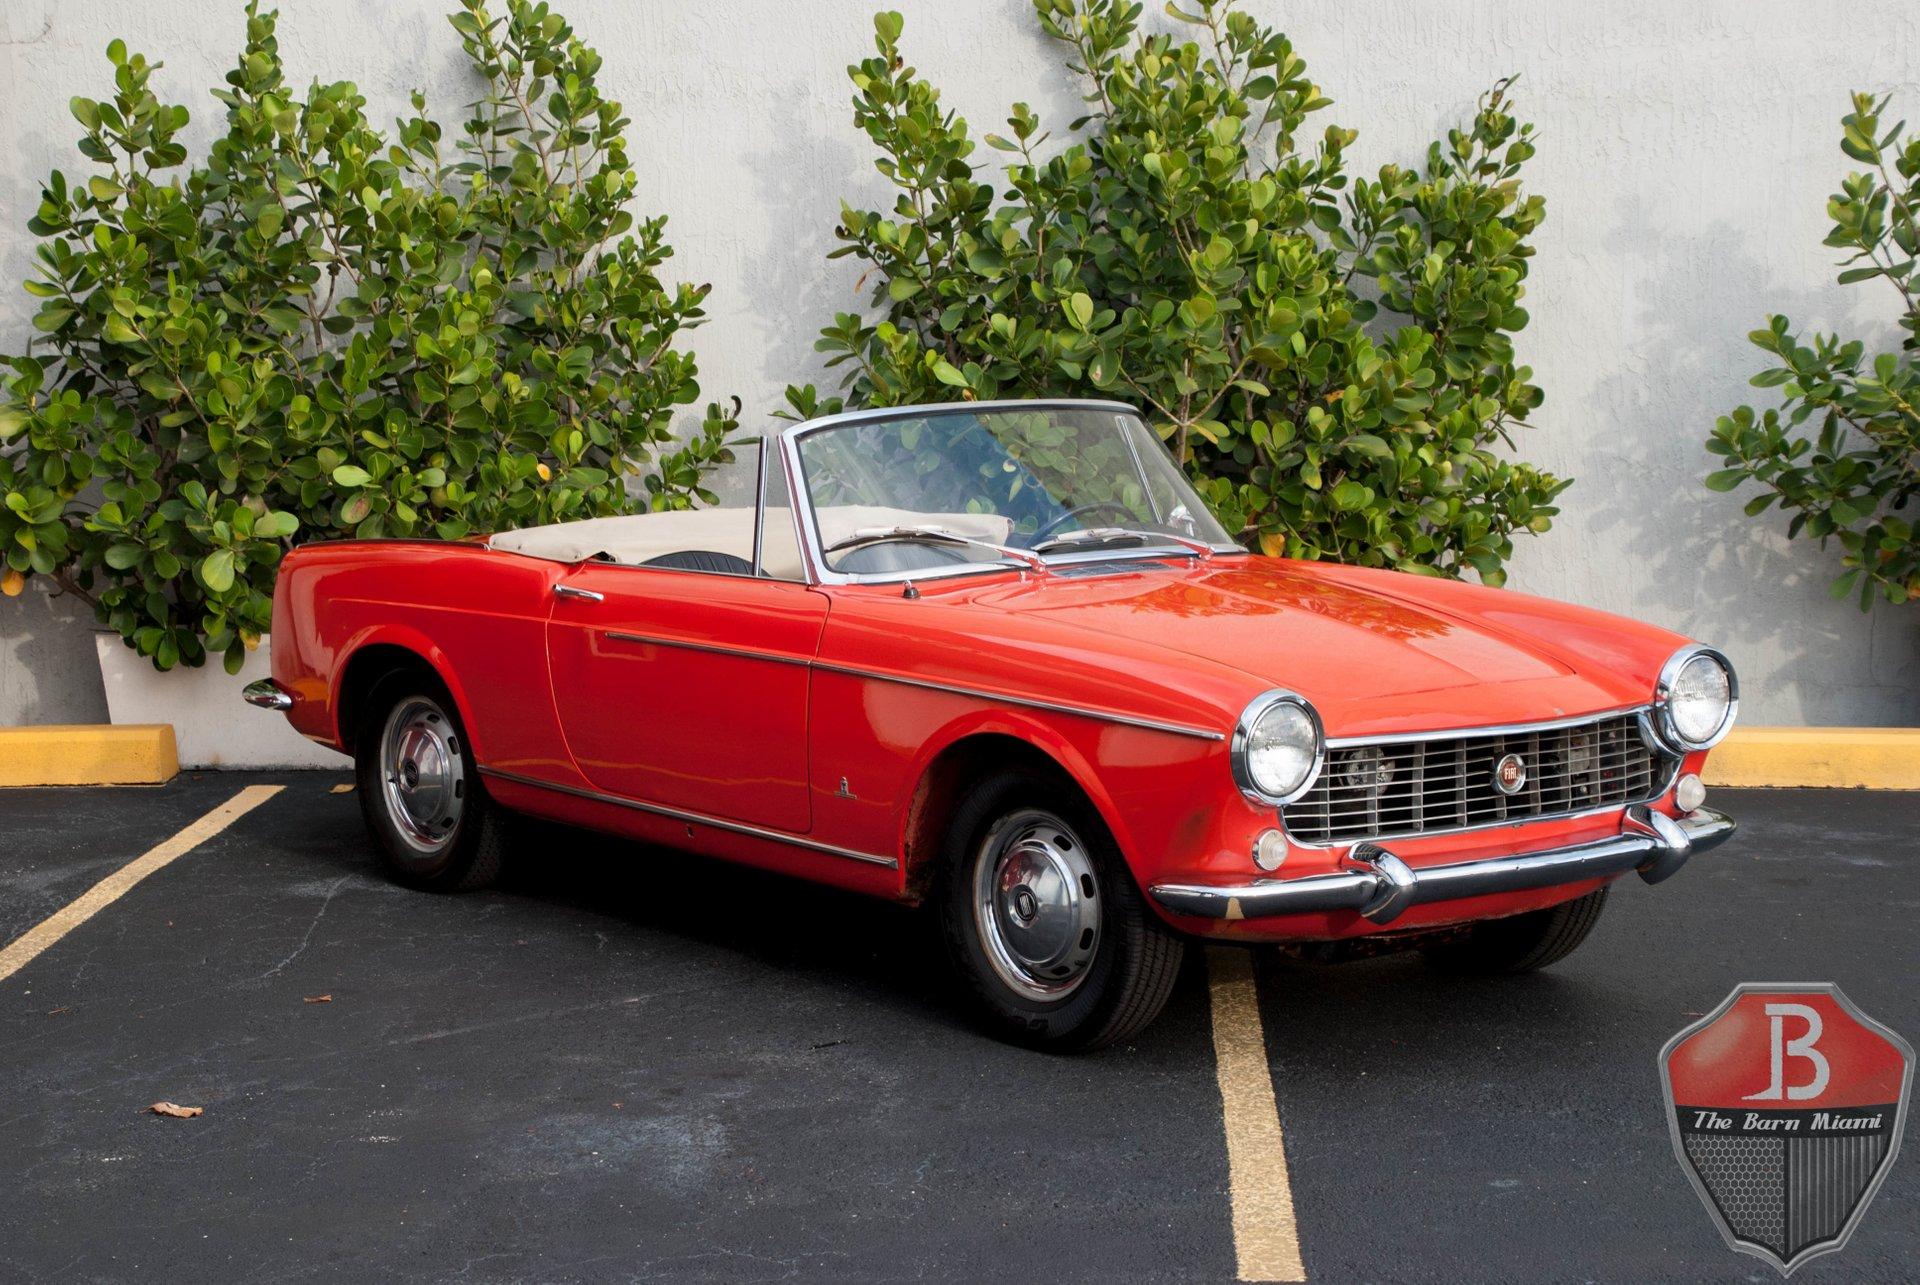 1967 fiat 1500 pininfarina cabriolet